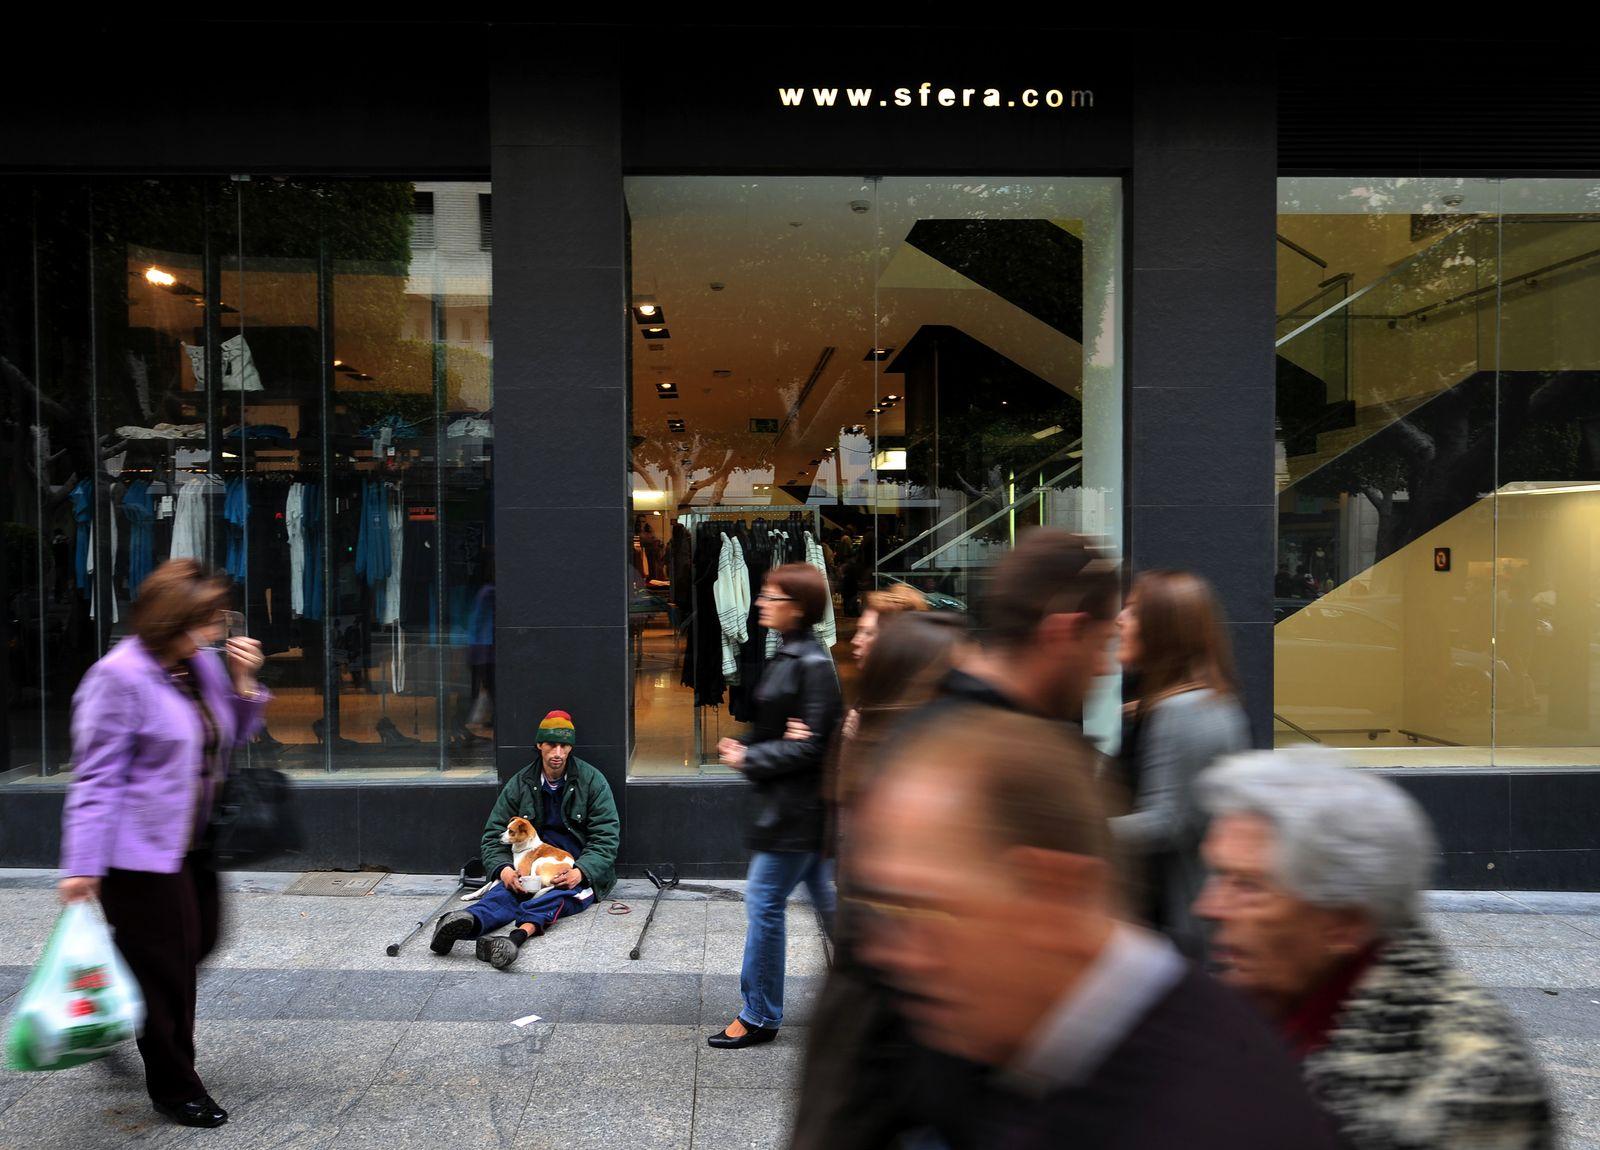 Spanien / Finanzkrise / Armut / Bettler